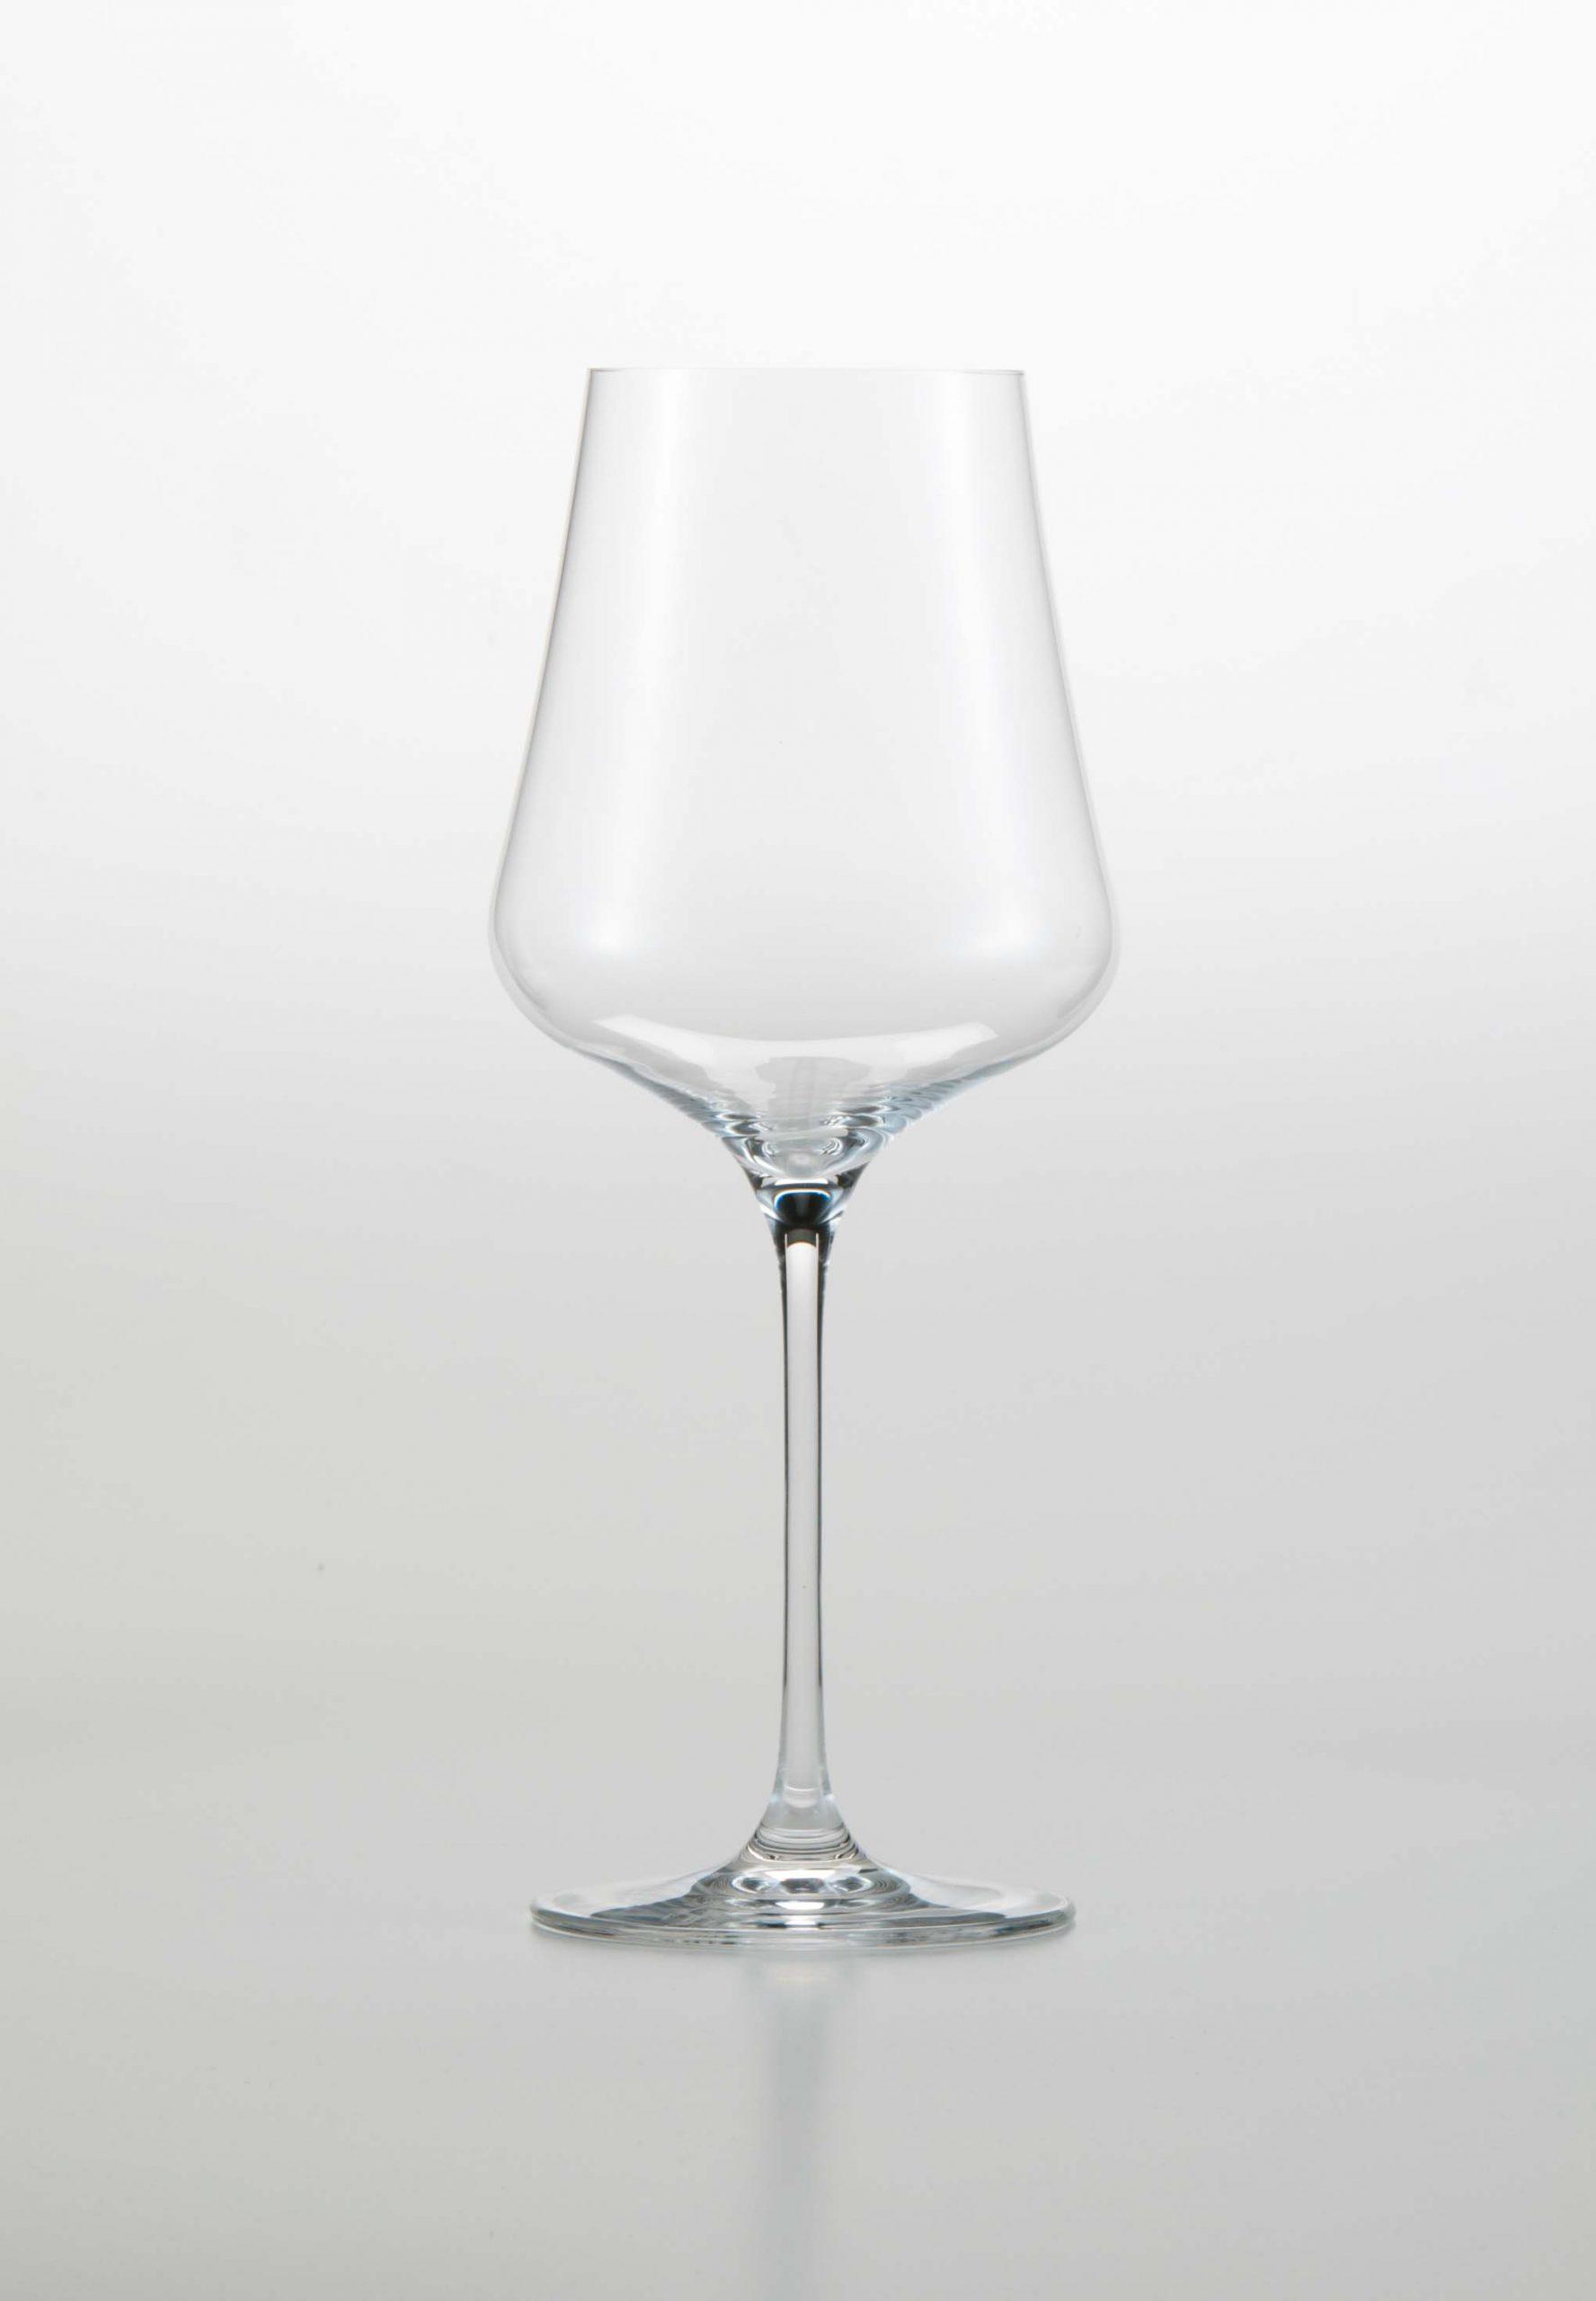 Gebriel-Glas